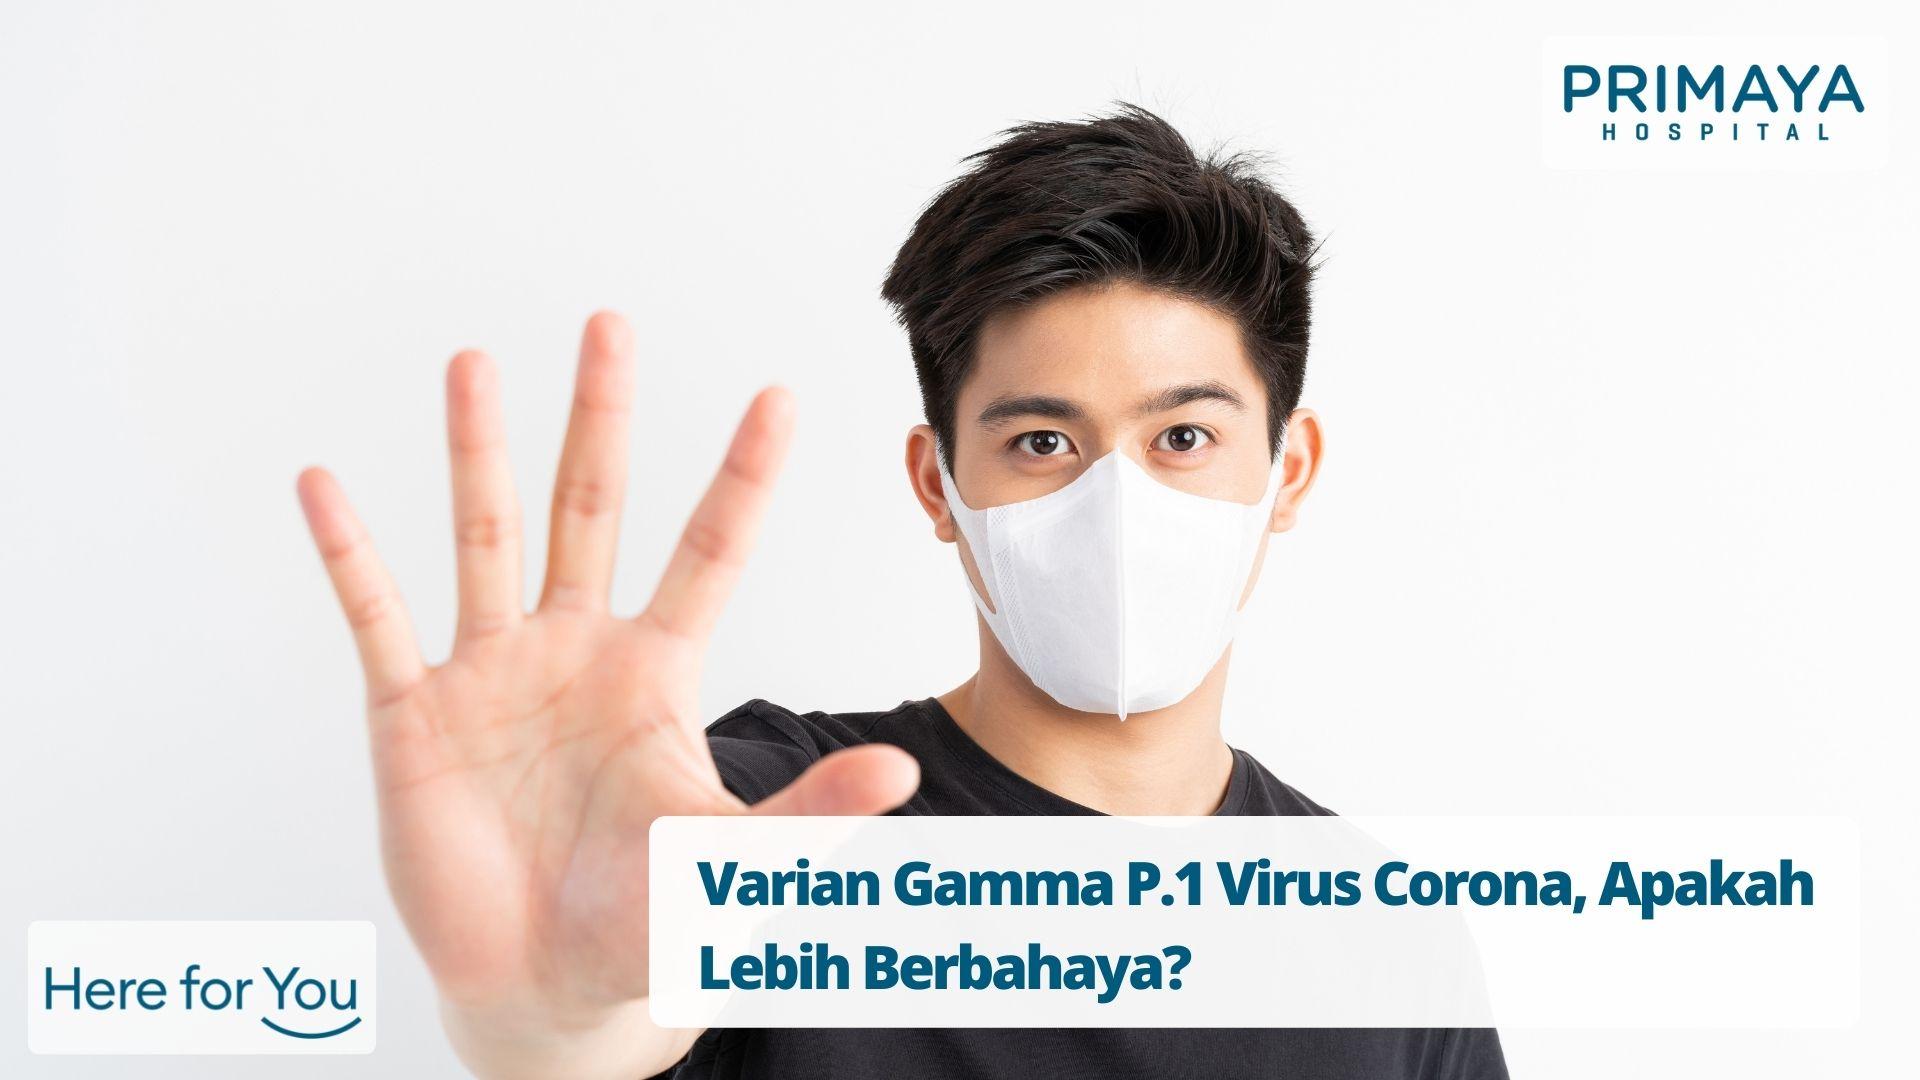 Varian Gamma P.1 Virus Corona, Apakah Lebih Berbahaya?